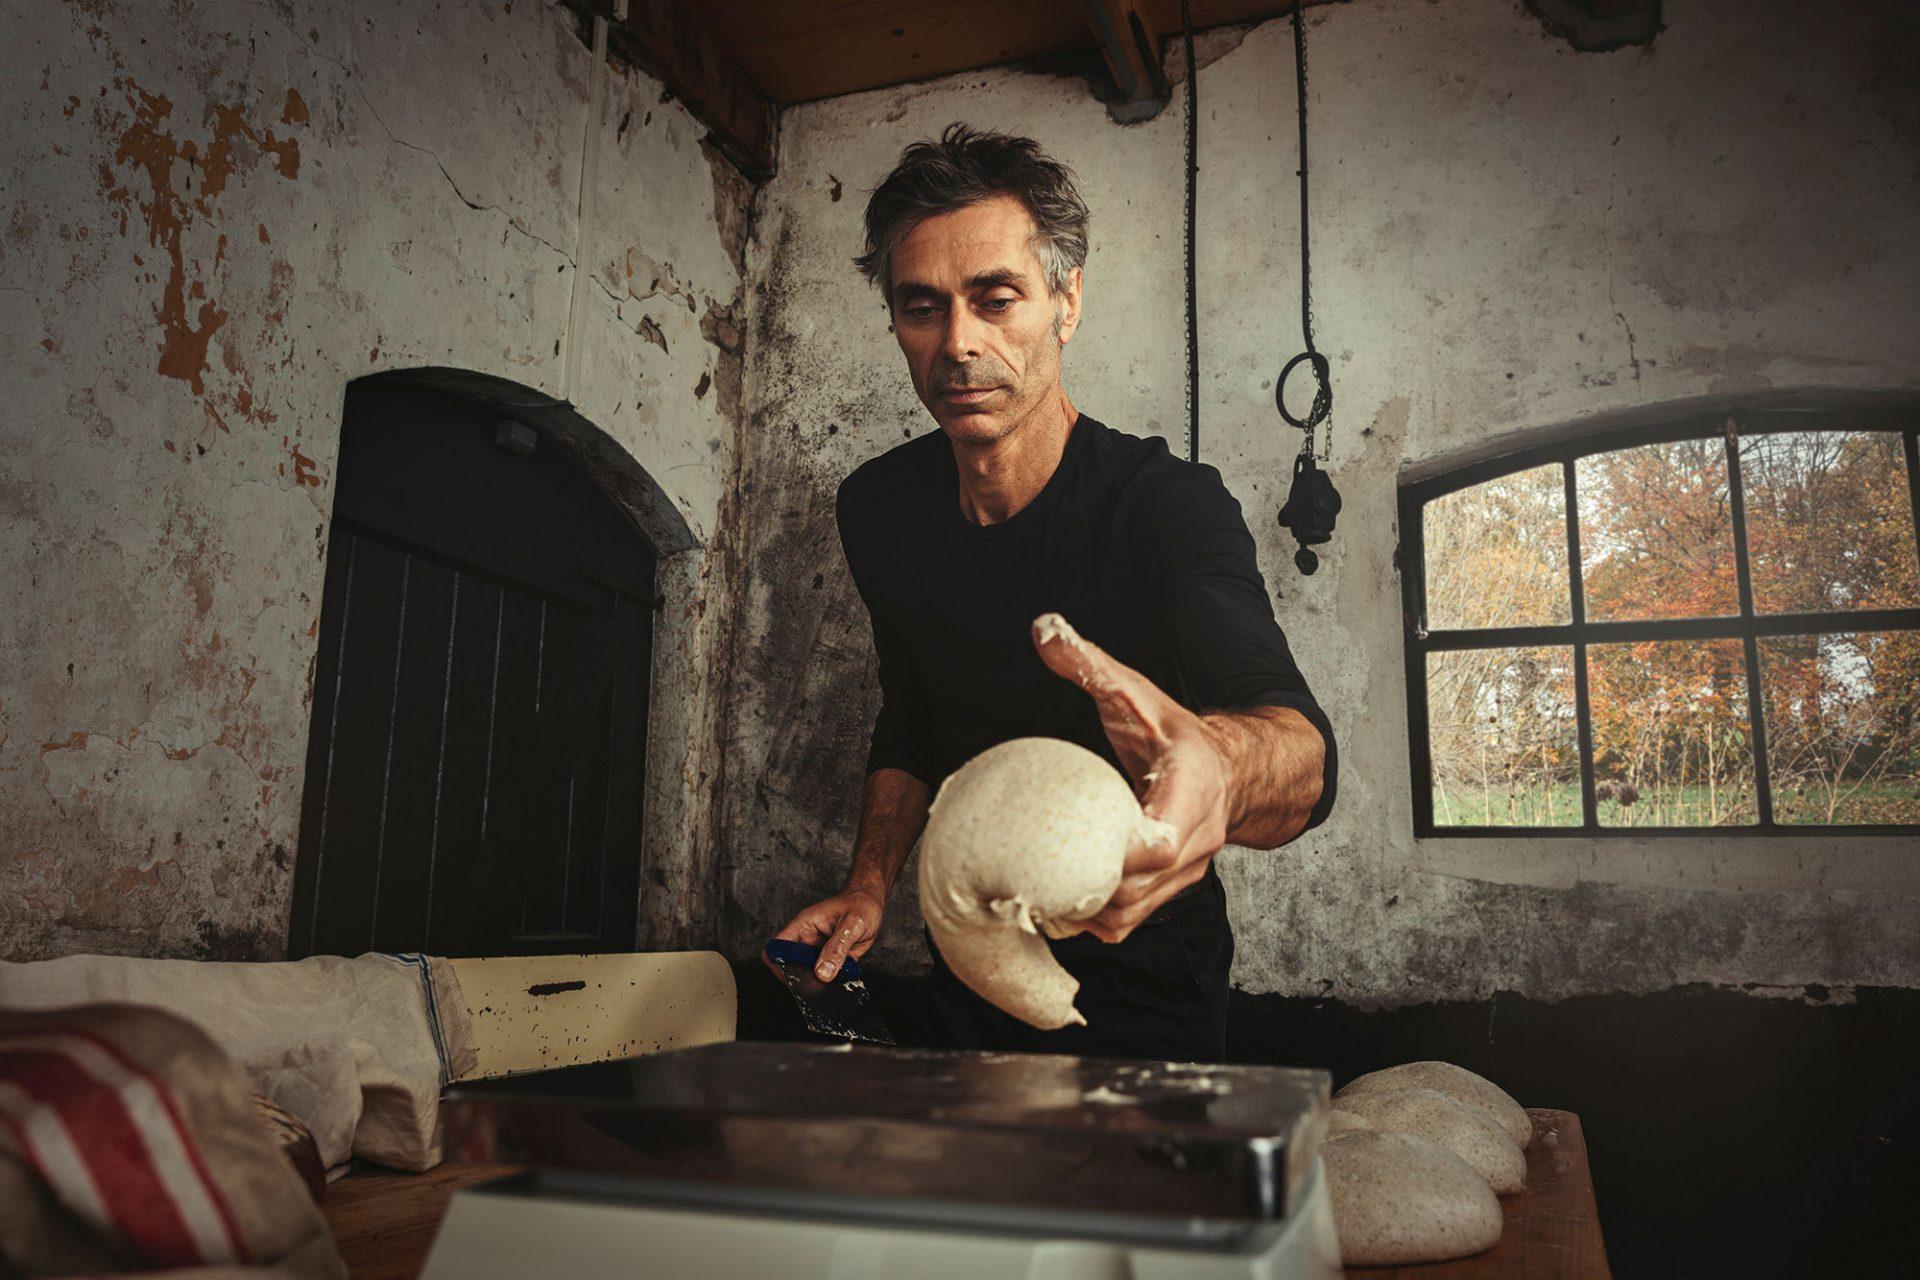 Met veel passie maakt René van der Veer brood van het Ark van de Smaak product emmertarwe - Foto door Bibi Veth